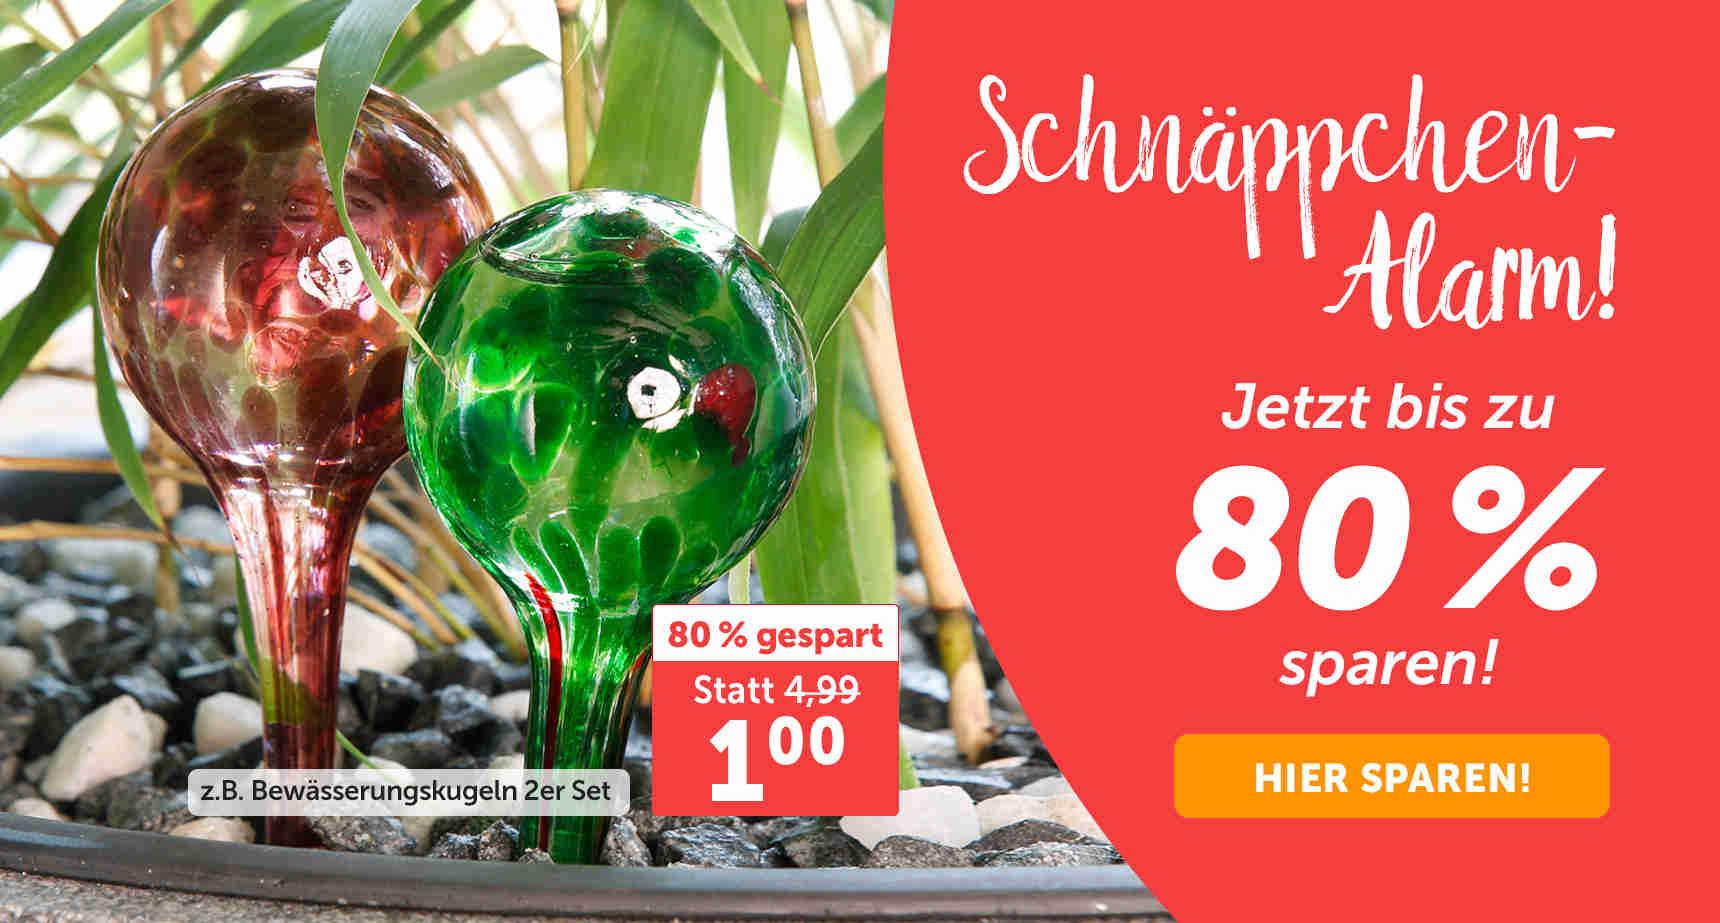 +++ (1) Schnäppchen-Alarm +++ - 3